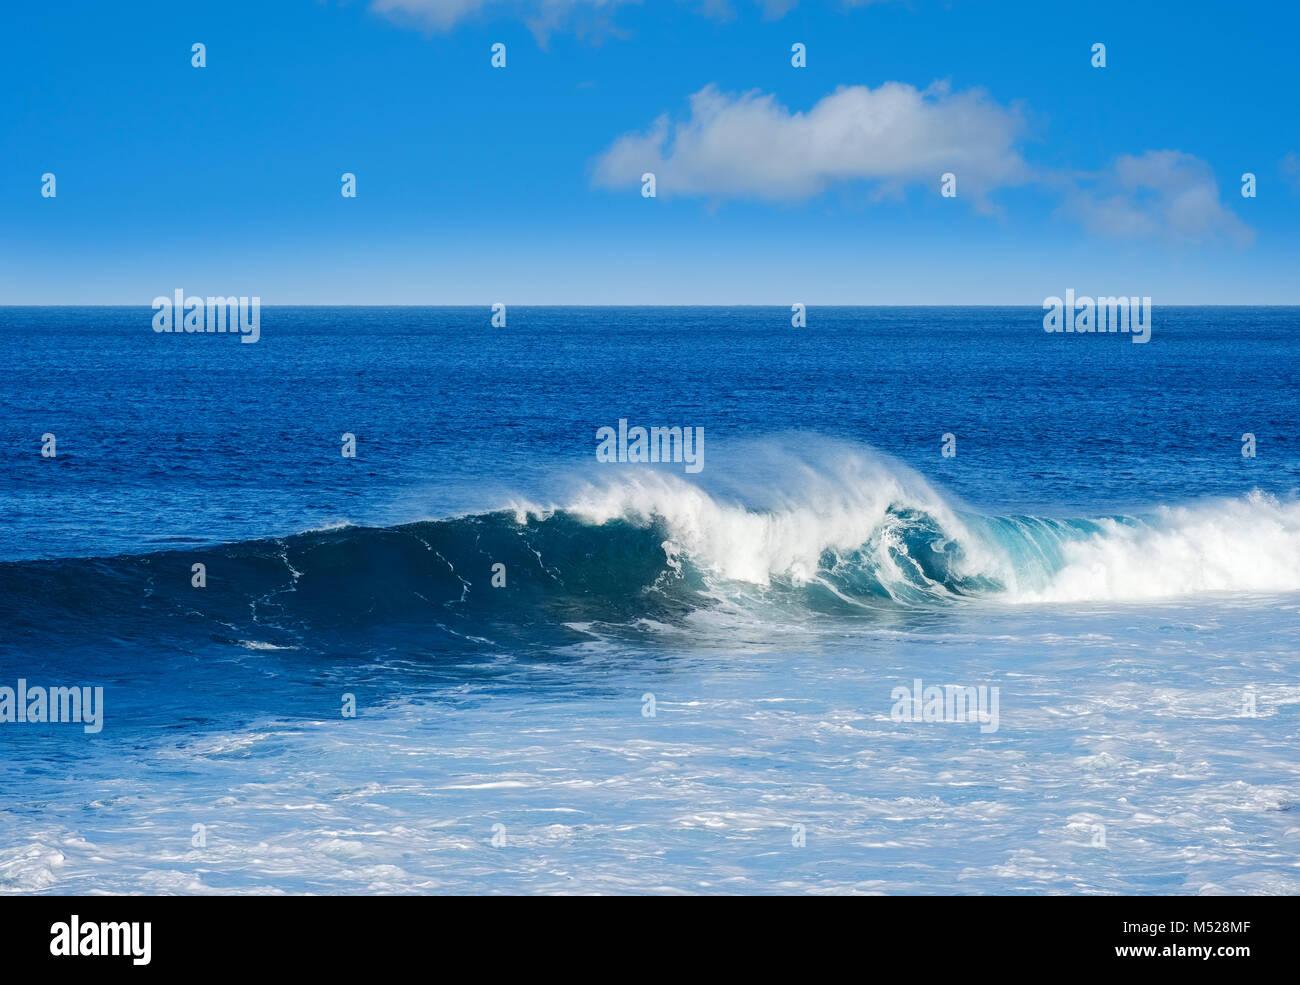 Déferlante,Océan Atlantique,DE,La Gomera Canaries, Canaries, Espagne Photo Stock